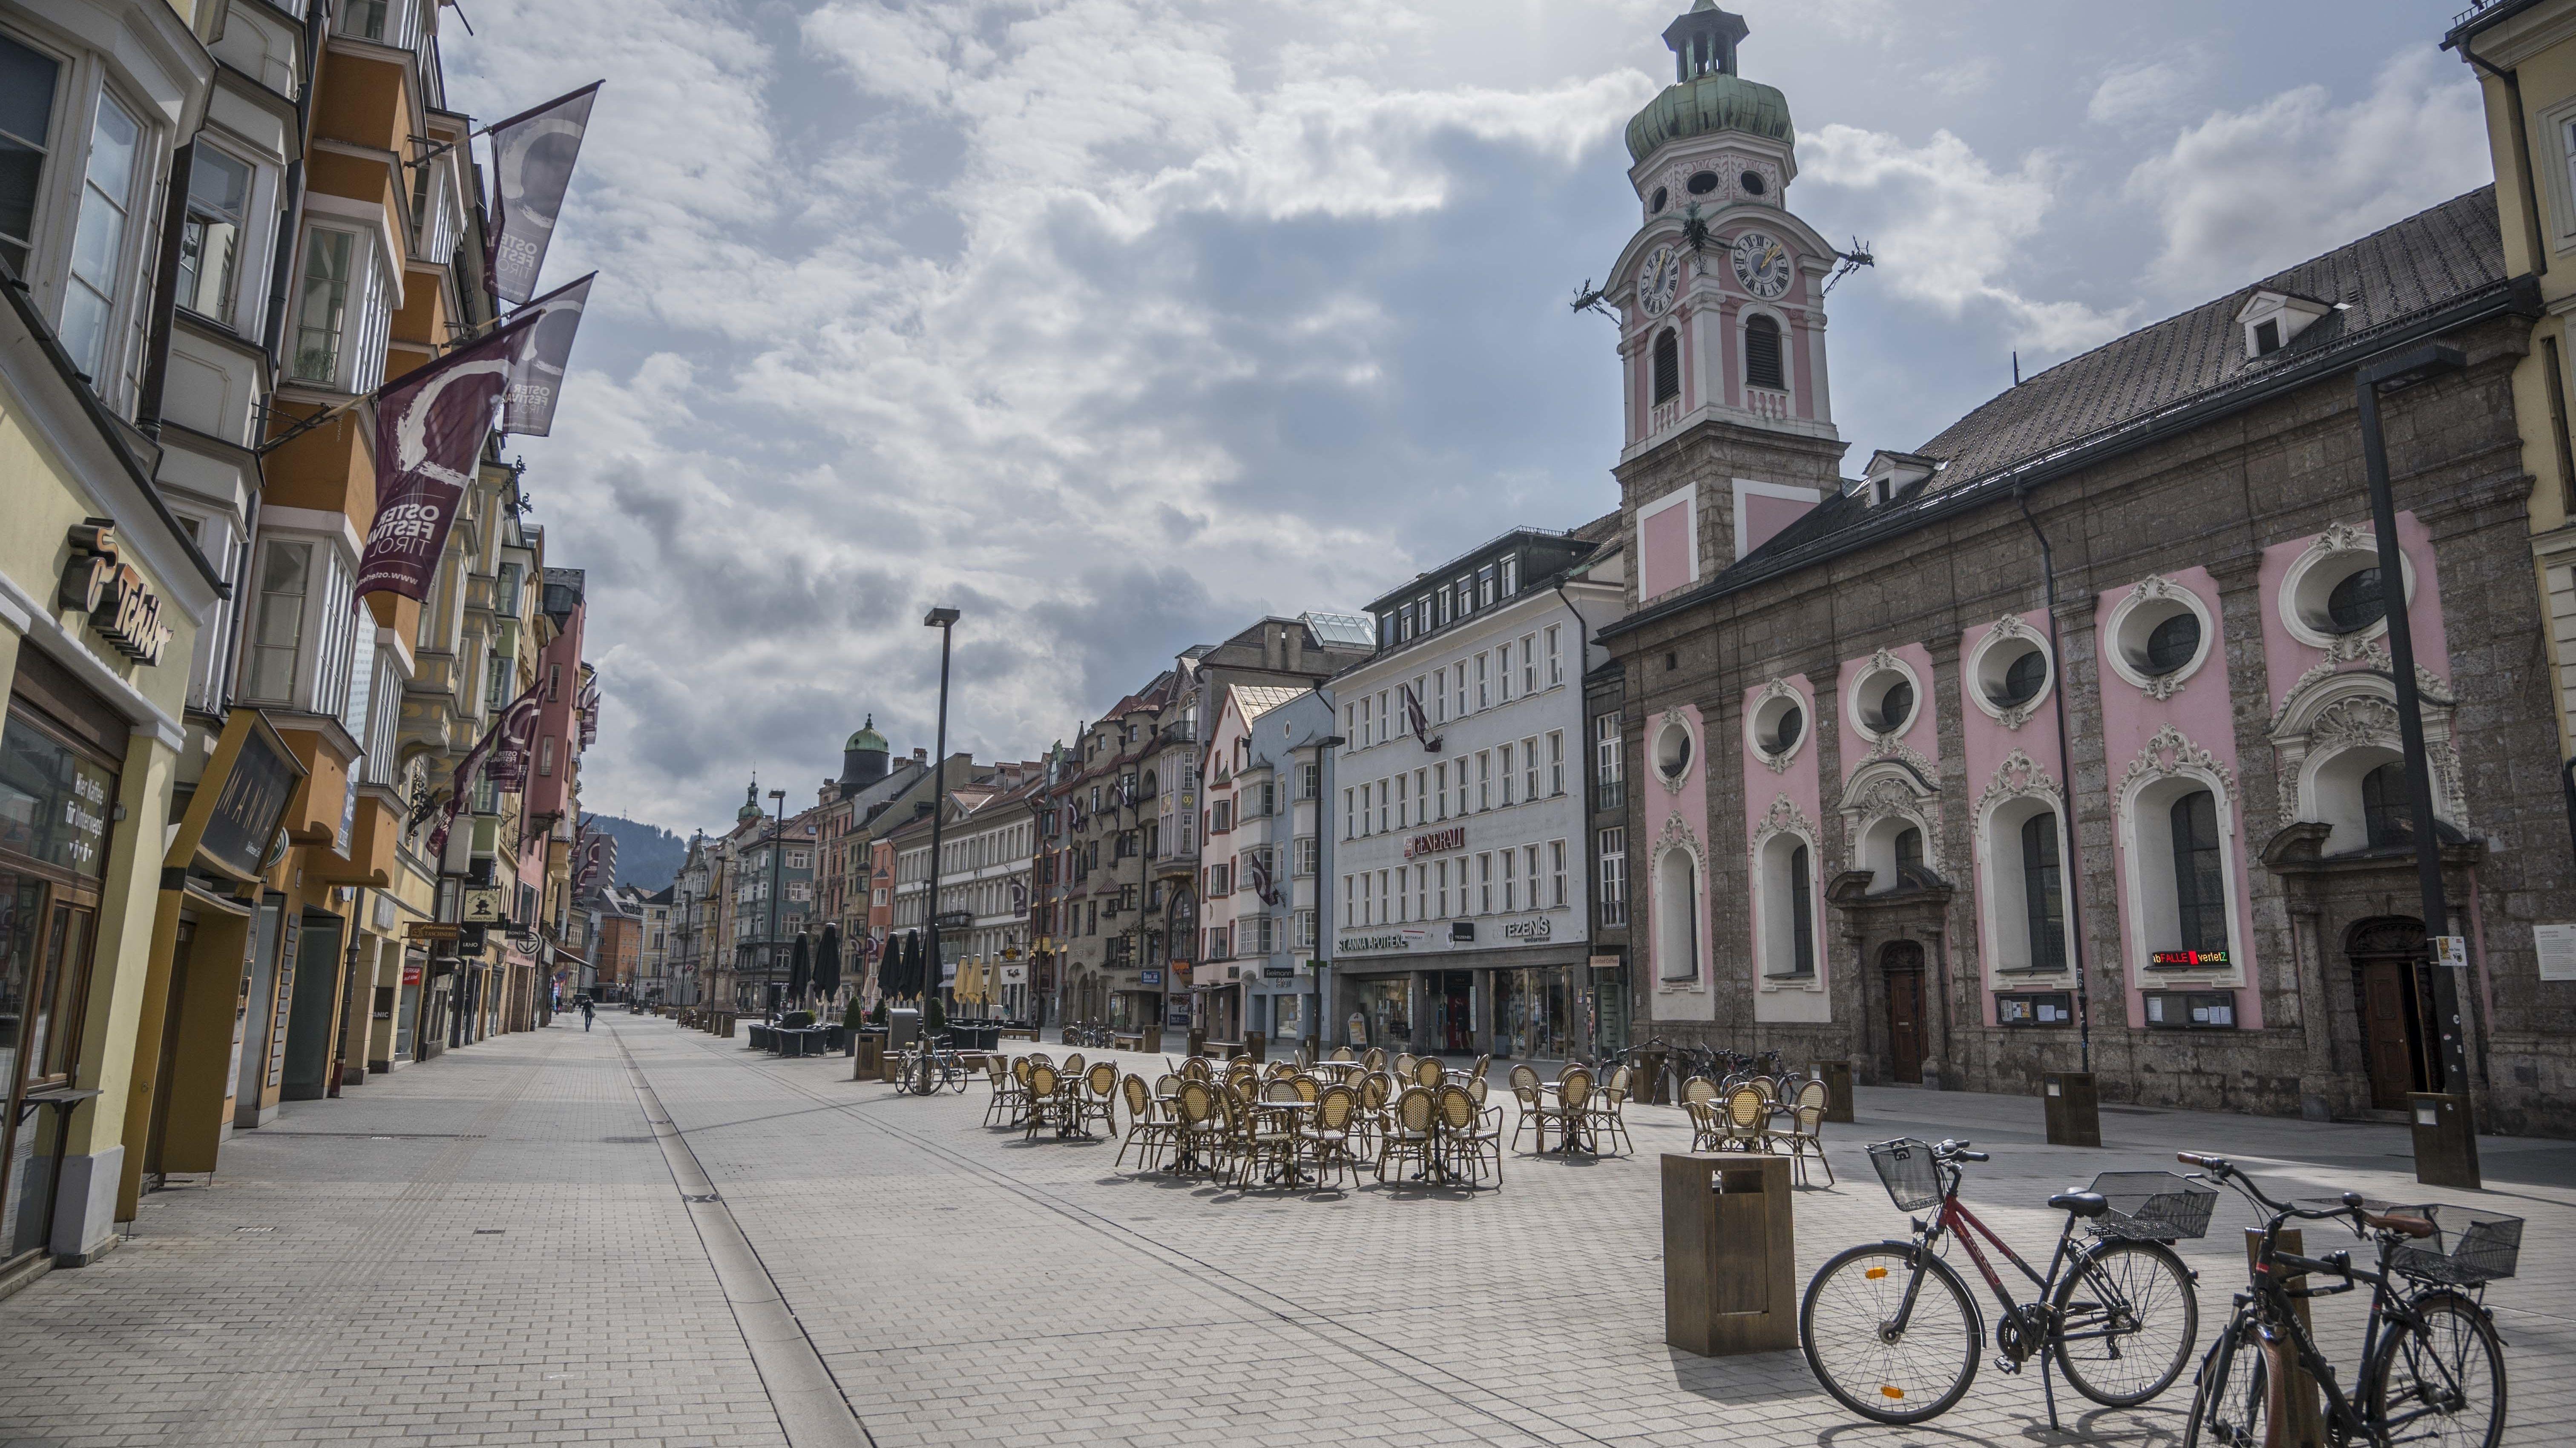 Die menschenleere Innenstadt von Innsbruck